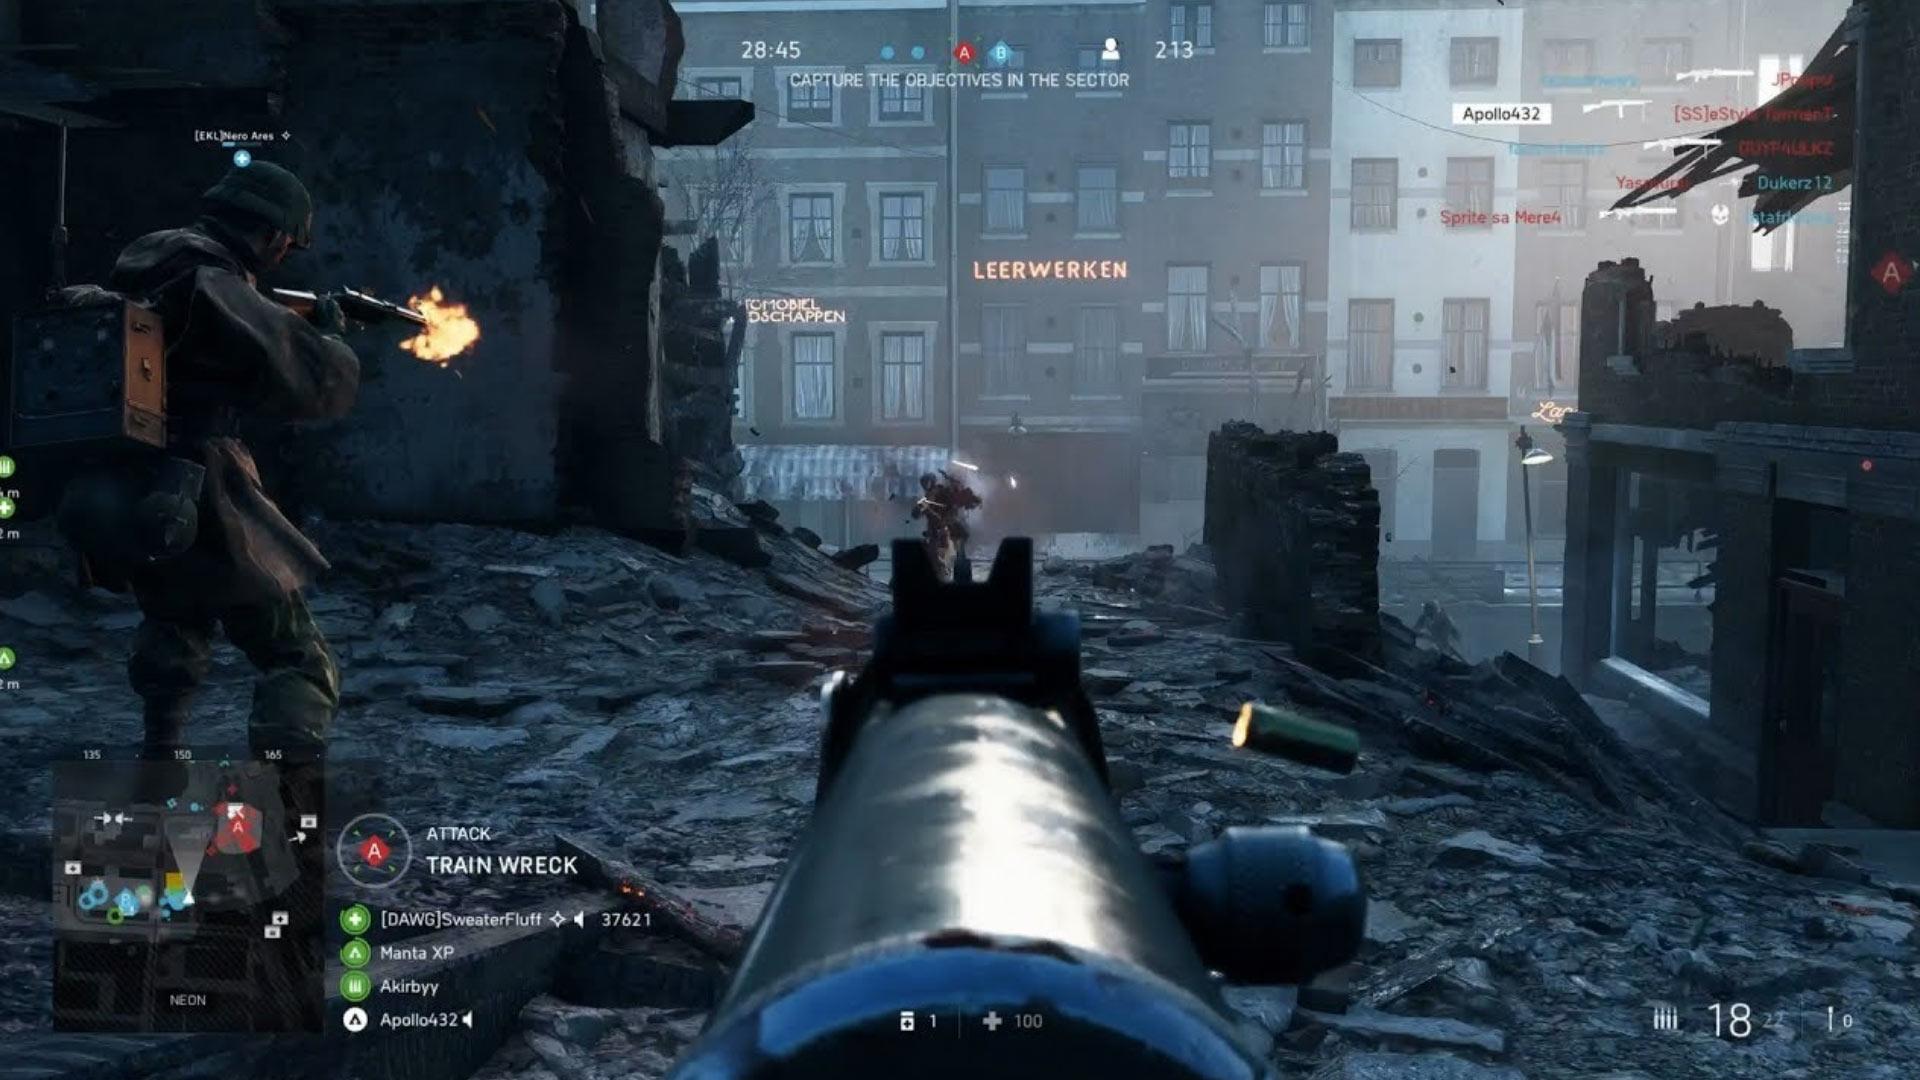 игра которая сосредоточина на бою.